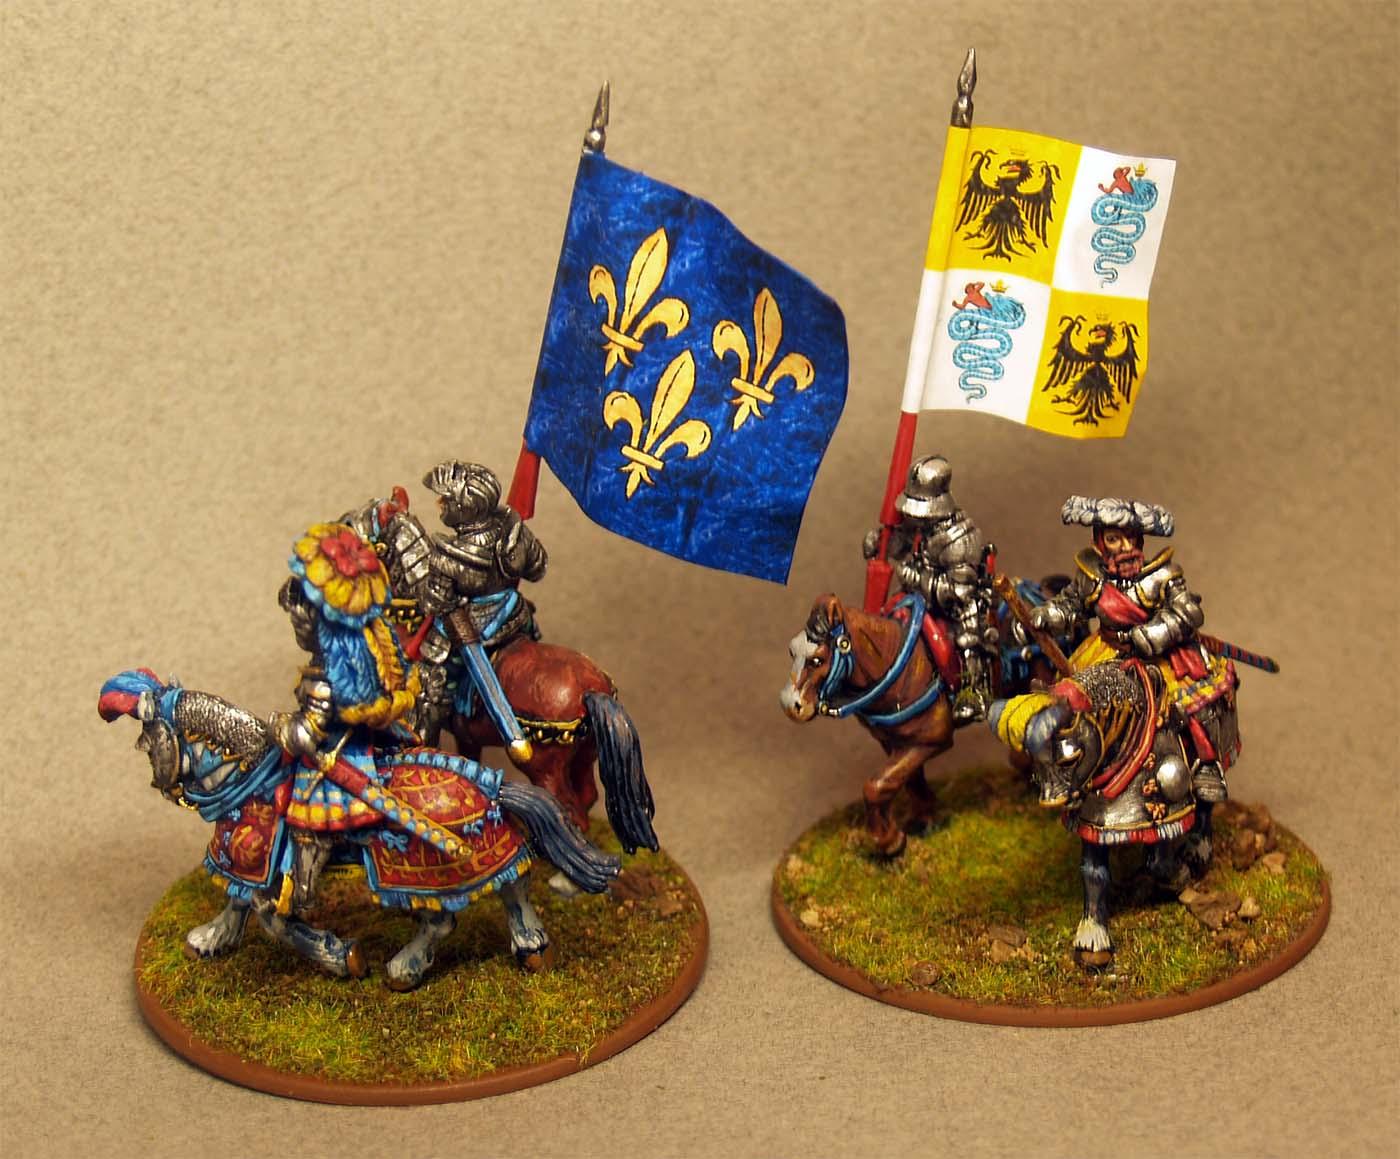 http://www.ljplus.ru/img4/t/r/trommell_of_war/2233.jpg